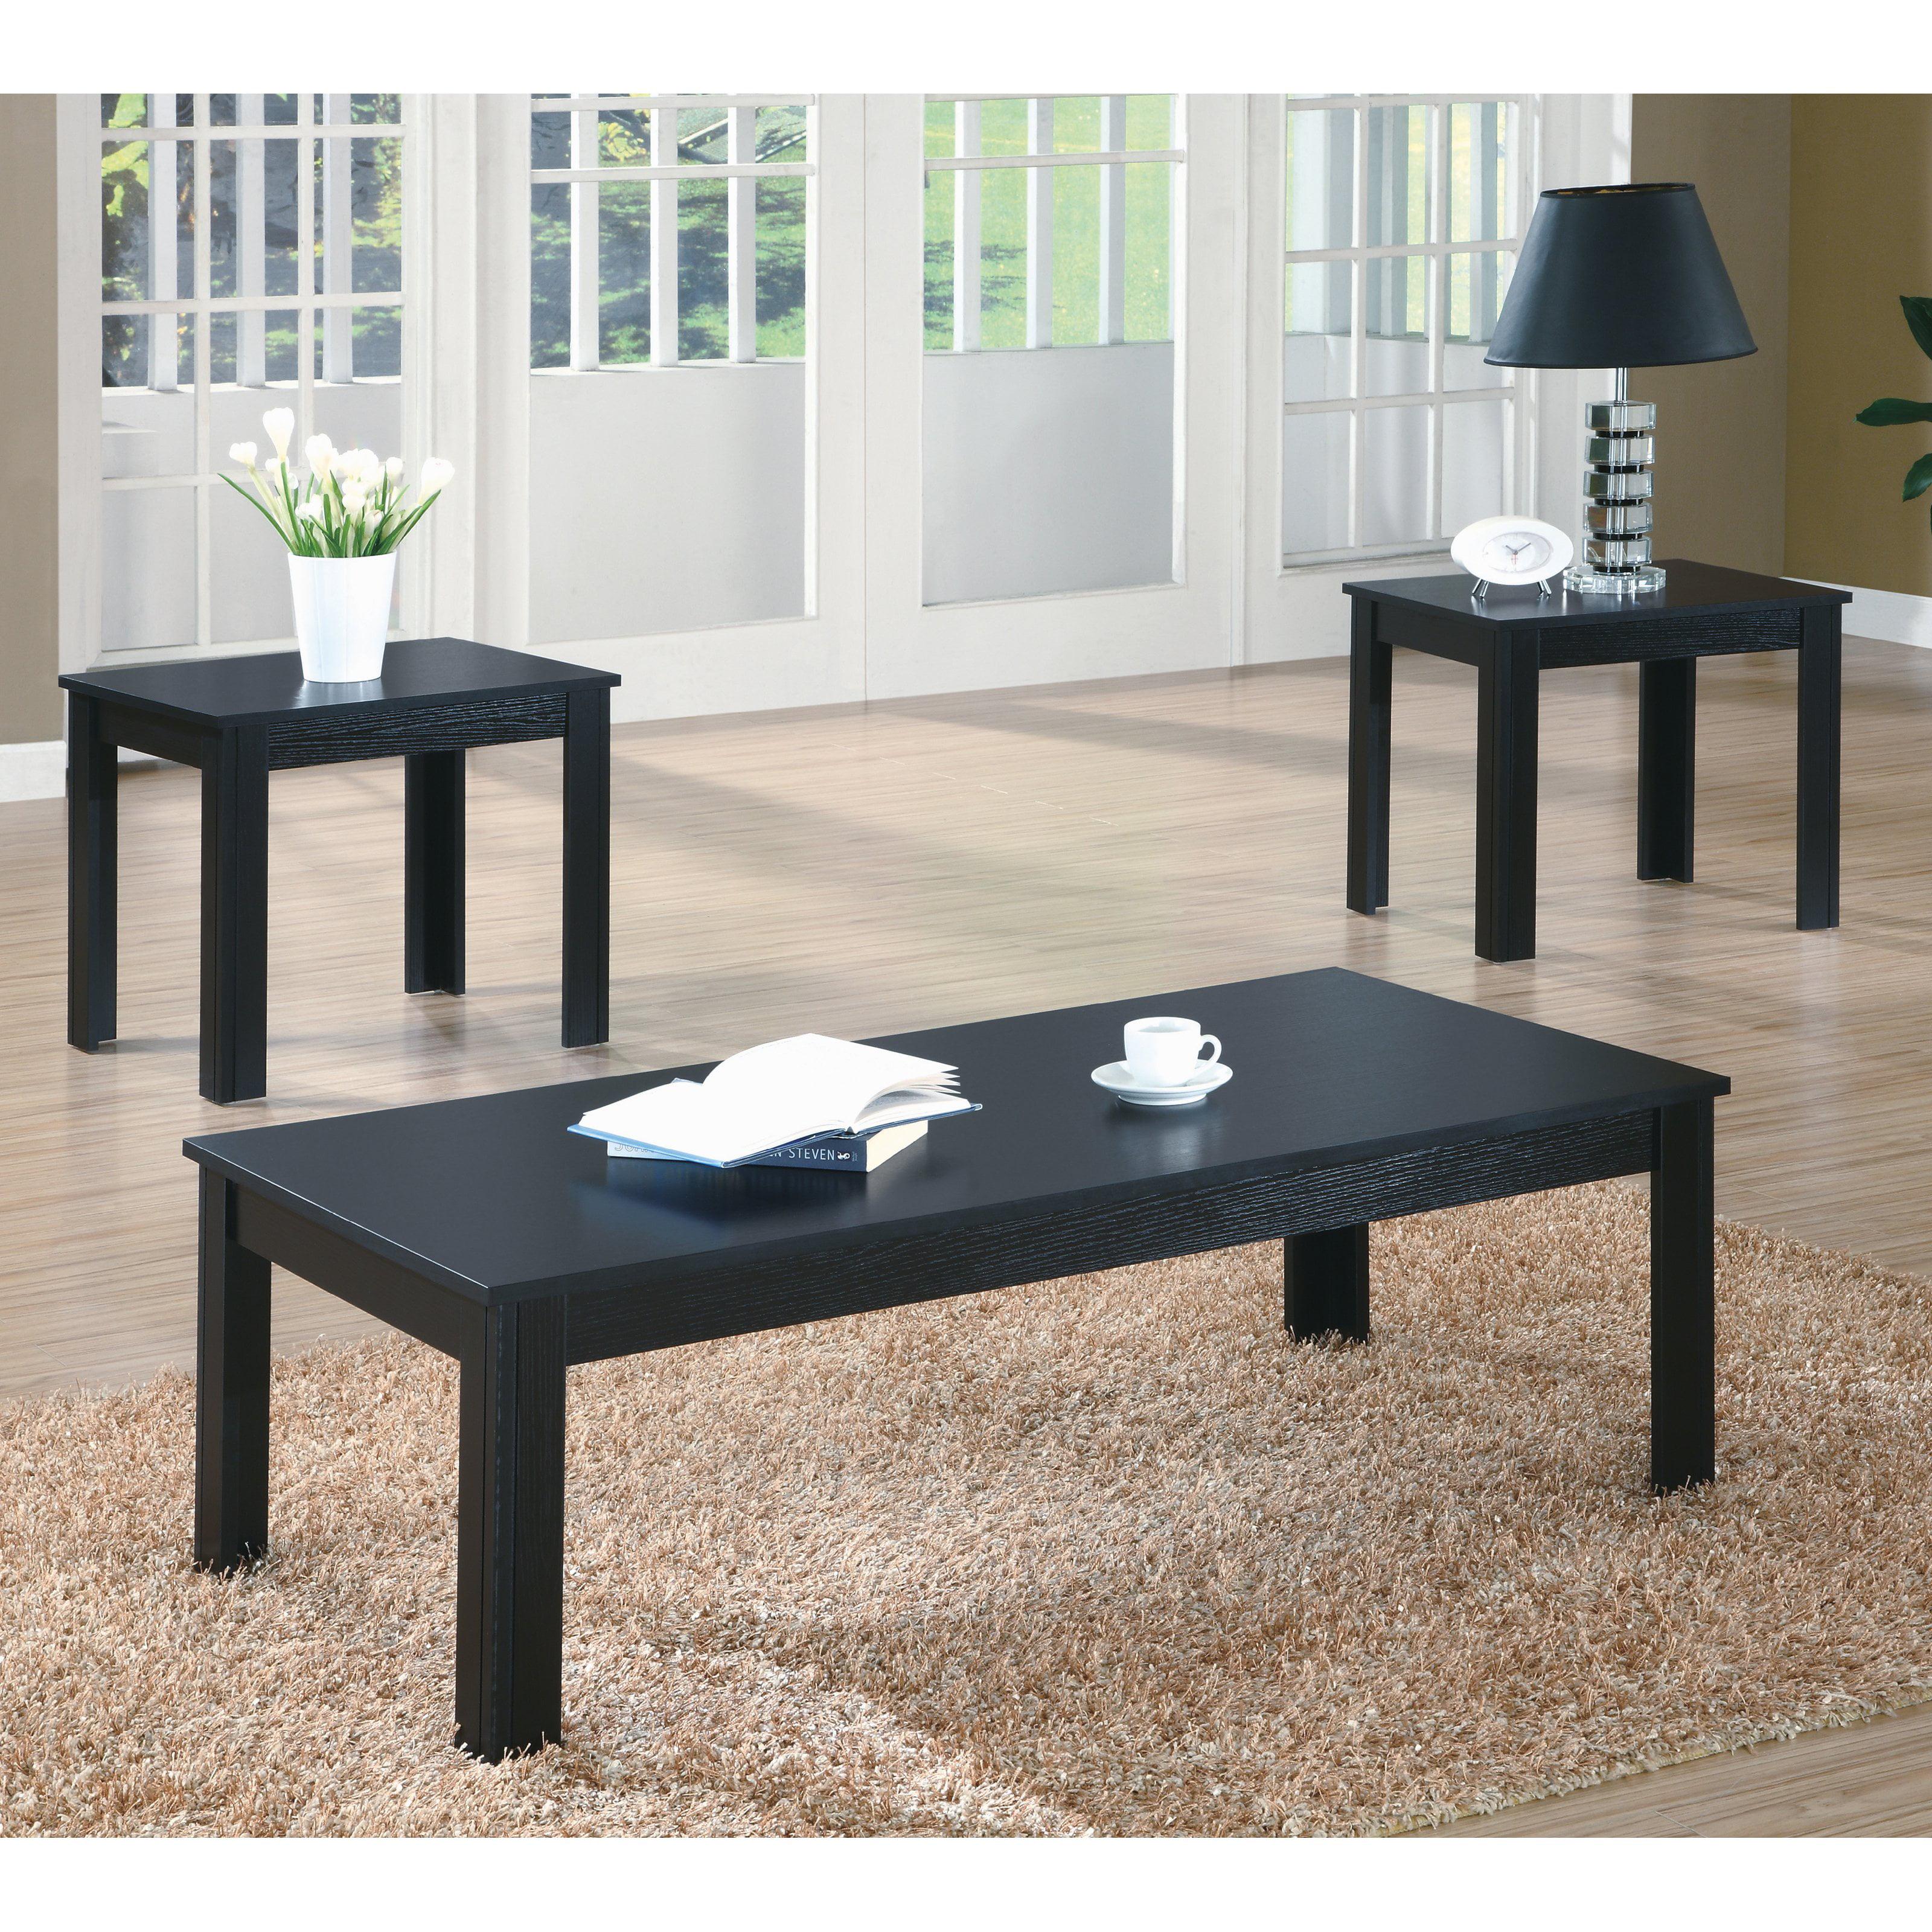 monarch specialties black 3 piece coffee table set - walmart